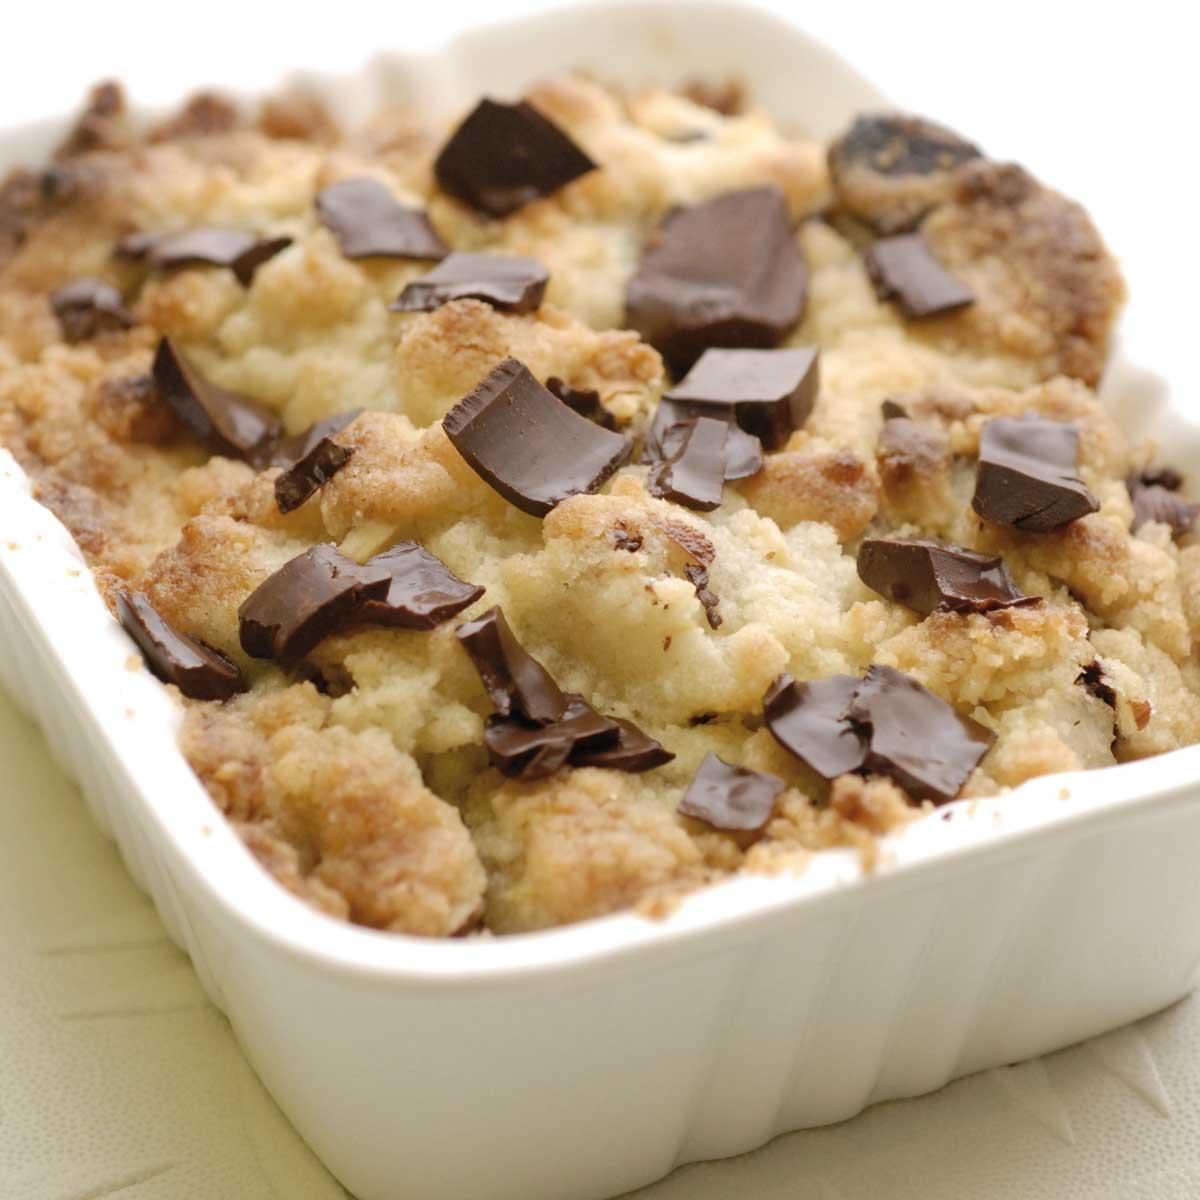 Recette crumble poire chocolat et noisettes cuisine - Cuisine uretre et dessert ...